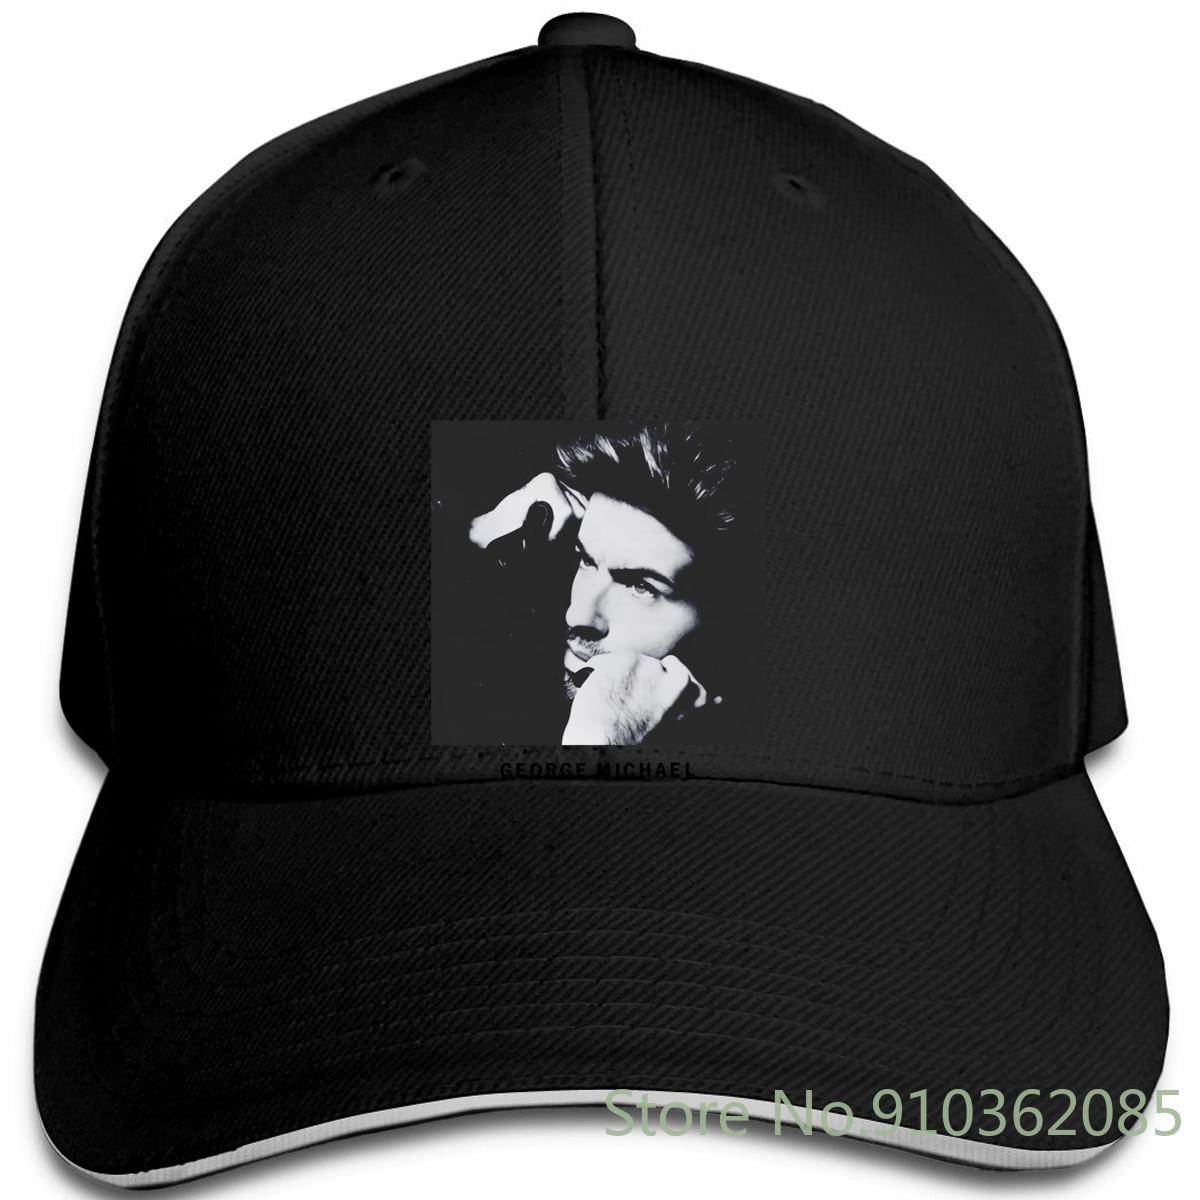 ¡Nueva! Gorra blanca George Michael Nuevo básico gorras ajustables gorra de béisbol hombres mujeres